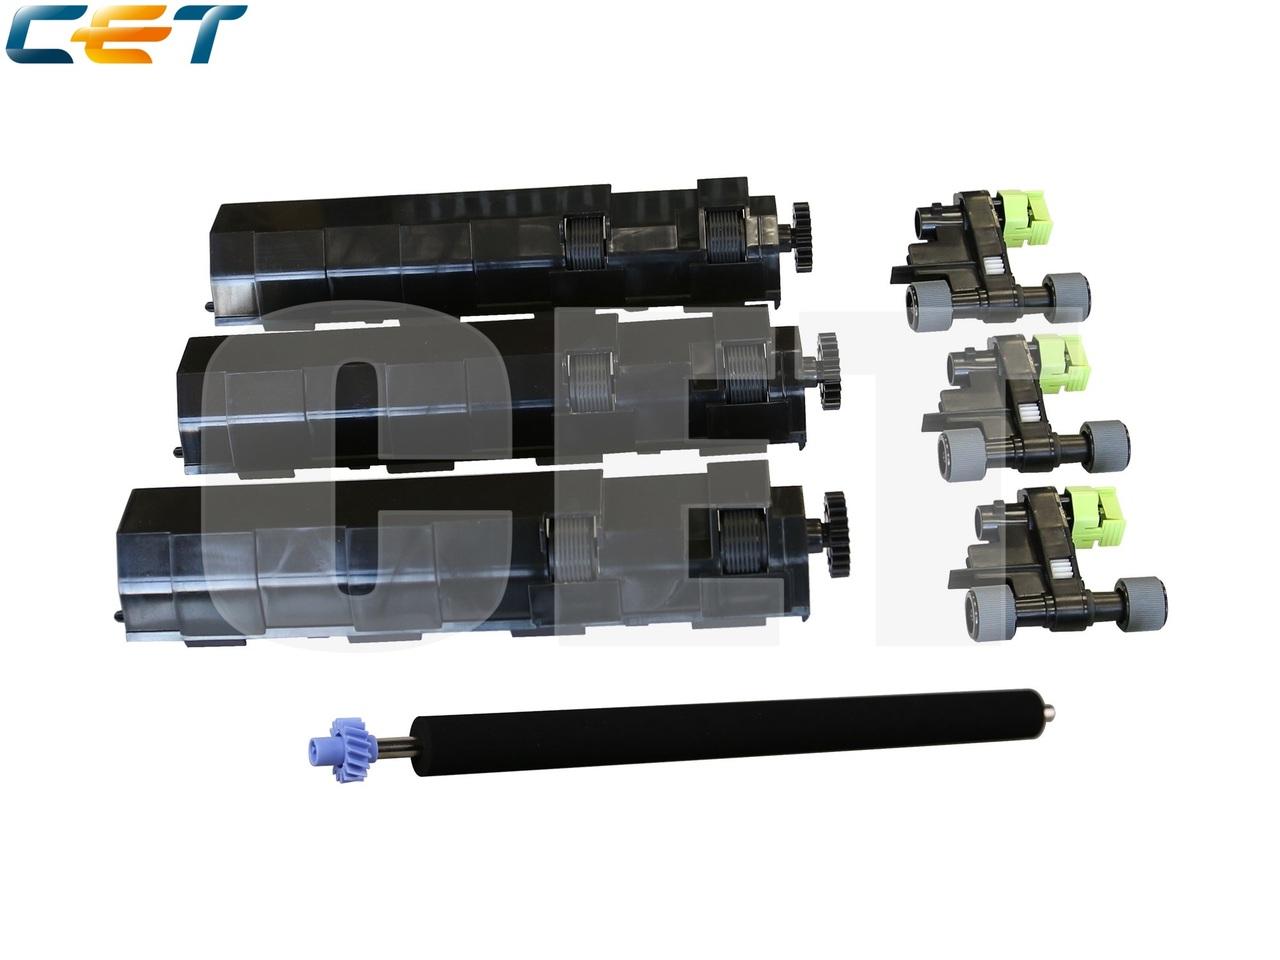 Комплект роликов 40X7706 для LEXMARKMX710/MX711/MX810/MX811/MX812/MS810/MS811/MS812(CET), CET2866